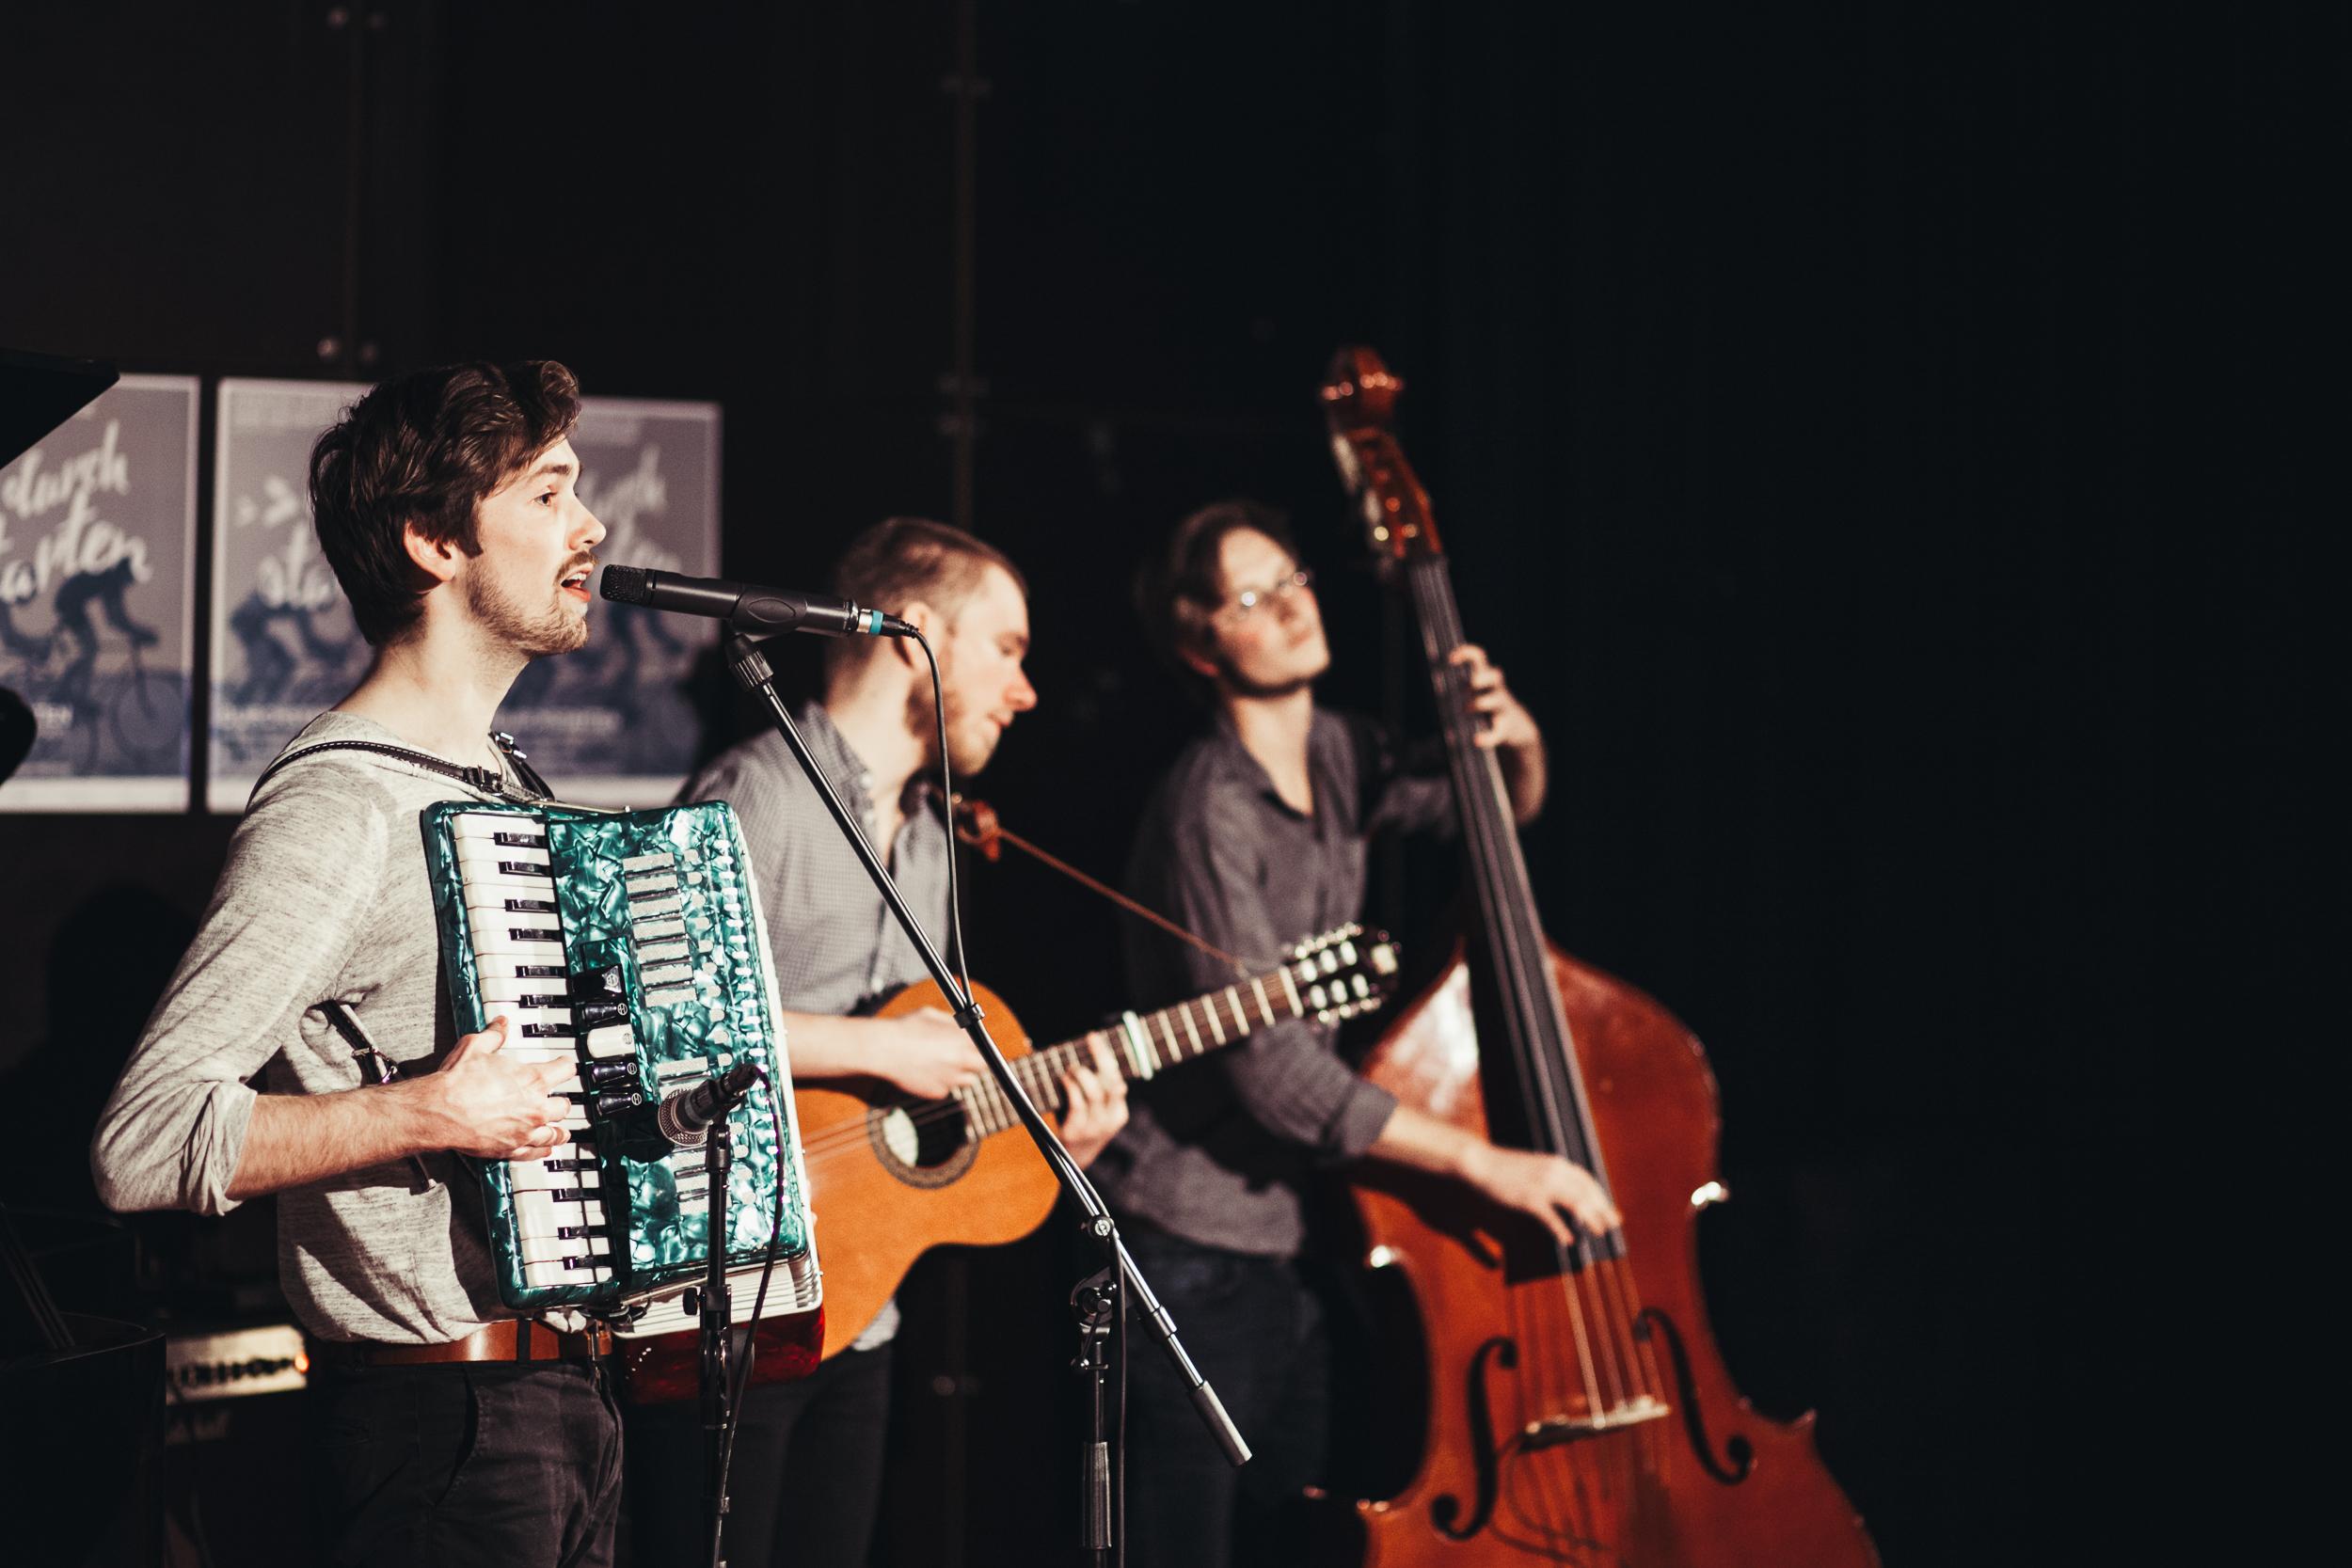 Lotte Concert - Durchstarten.